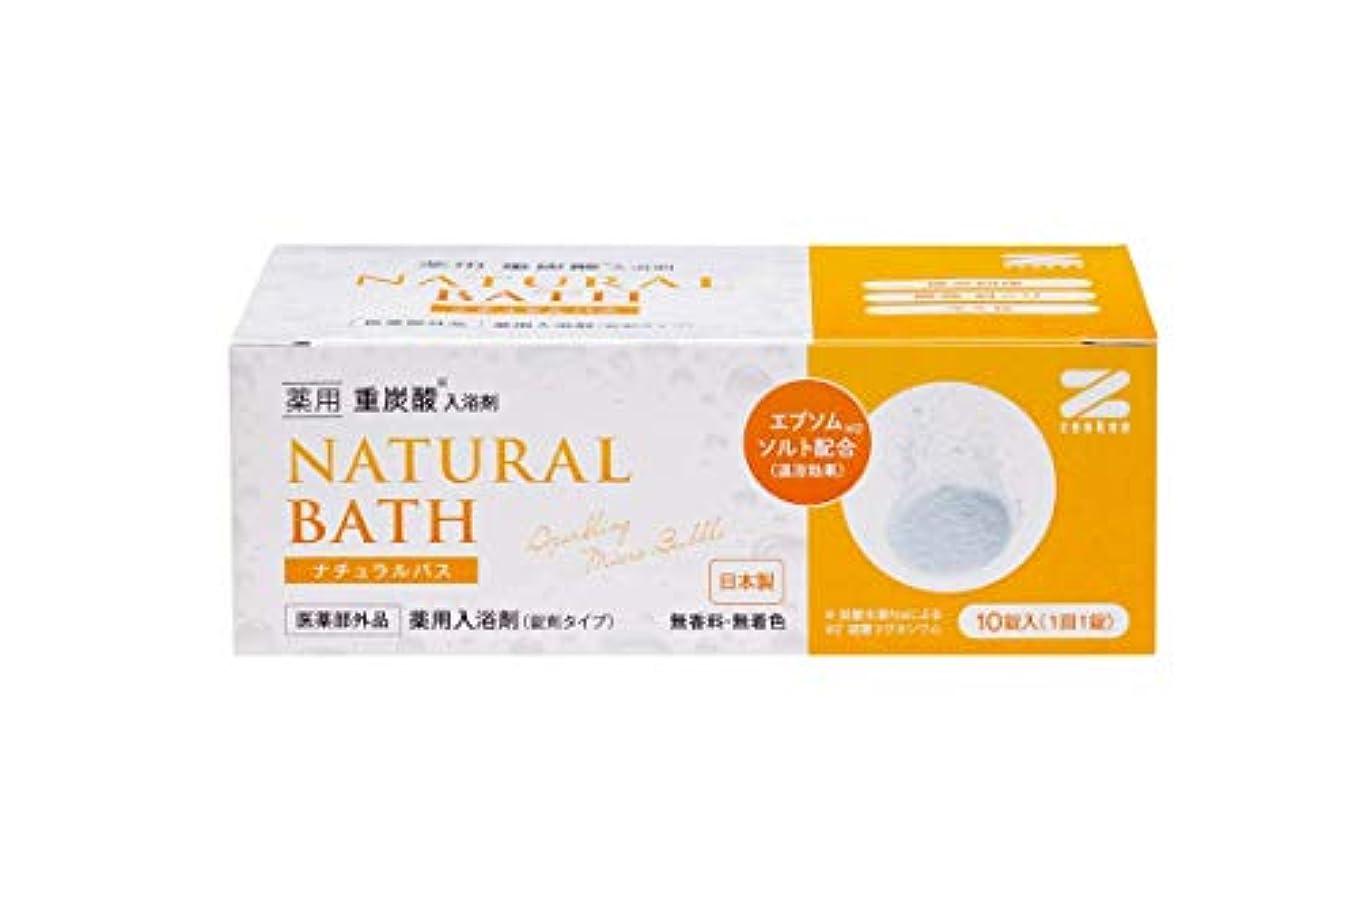 【4個セット】薬用 重炭酸入浴剤 ナチュラルバス 10個入